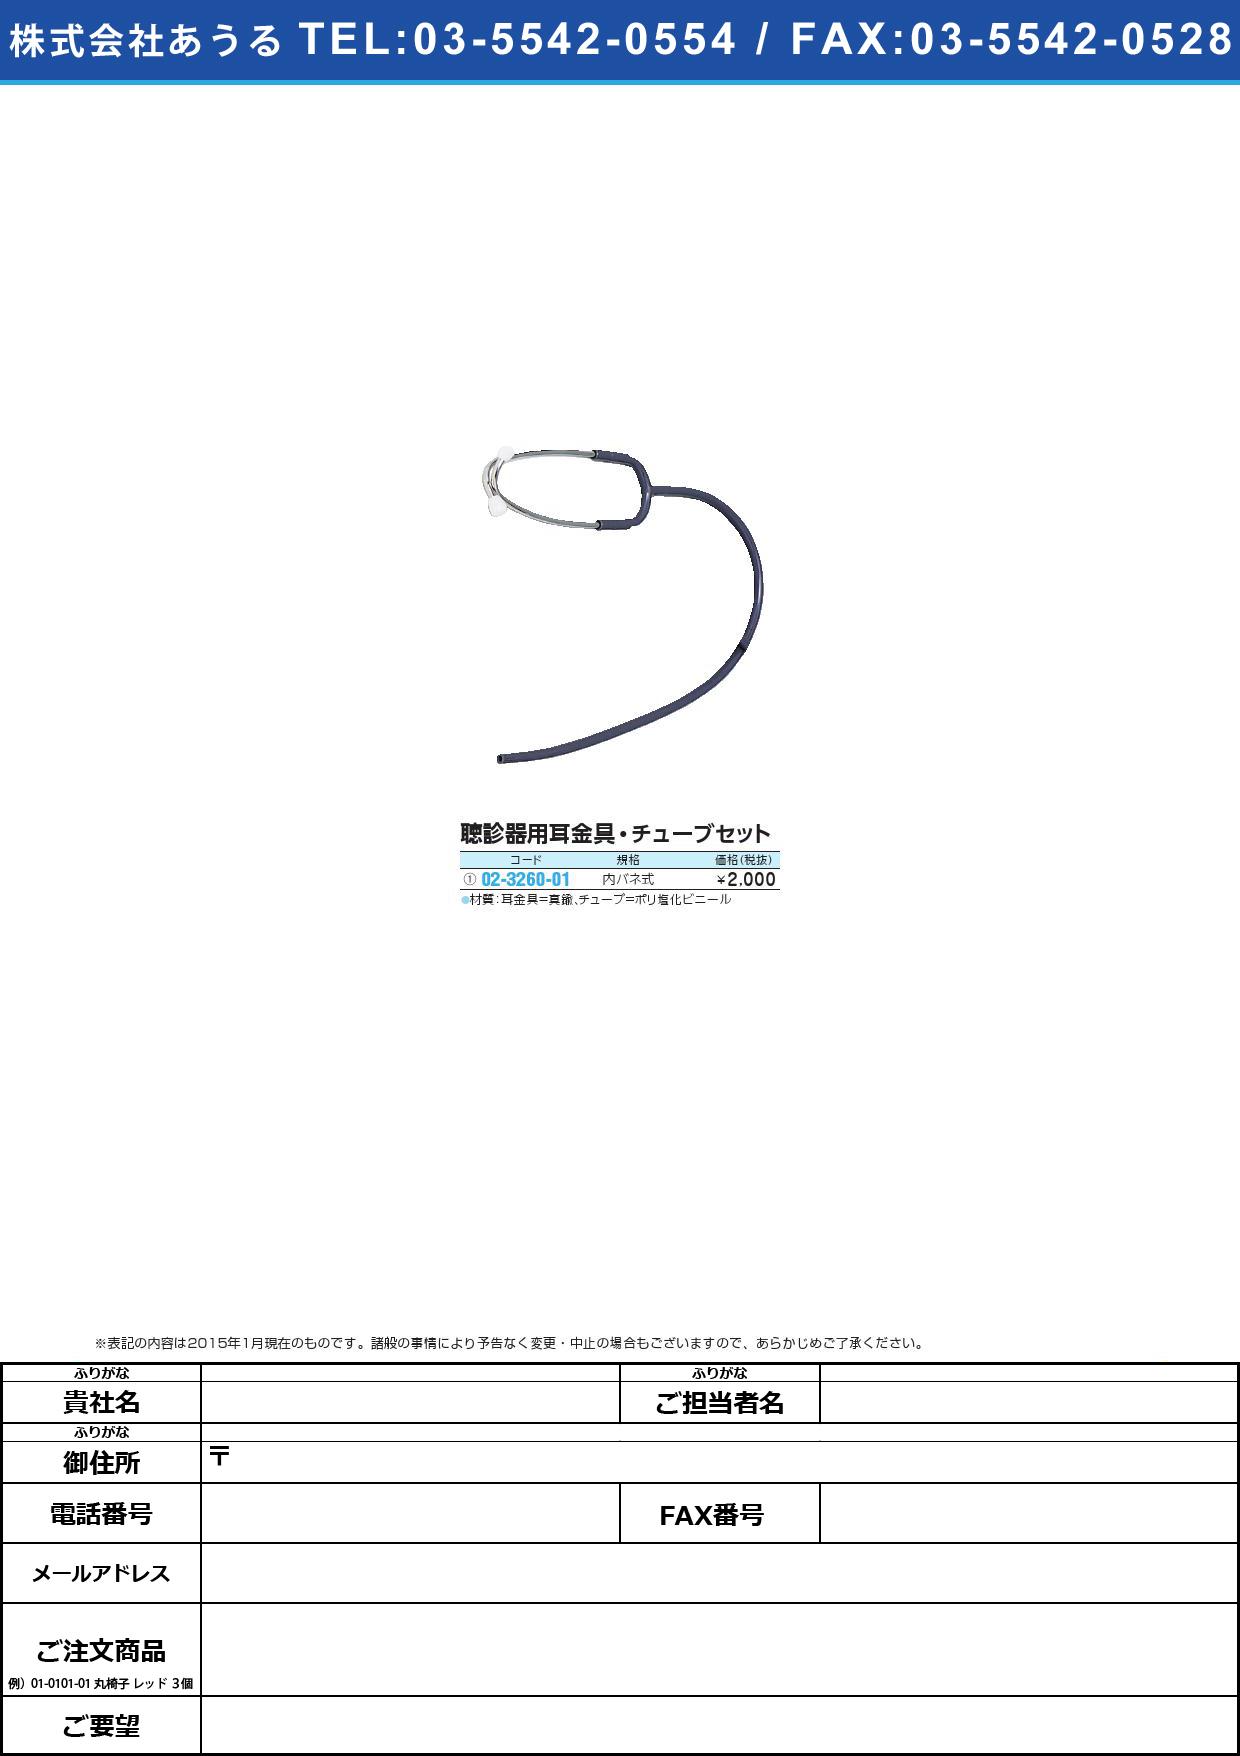 聴診器用耳金具・チューブセット チョウシンキ ウチバネシキ (マイスコープヨウ)【1本単位】(02-3260-01)